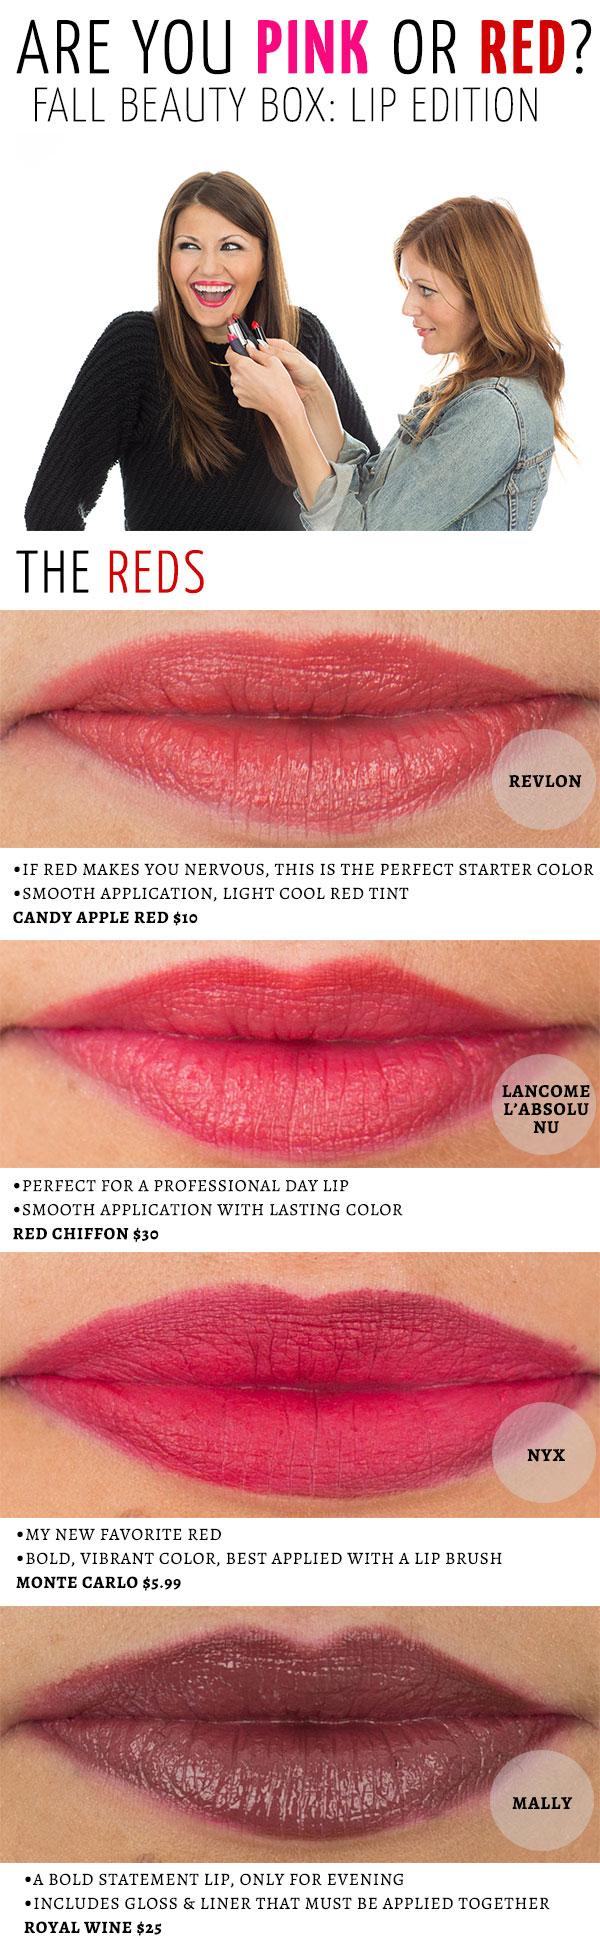 FallBeautyBox_Lips_Reds